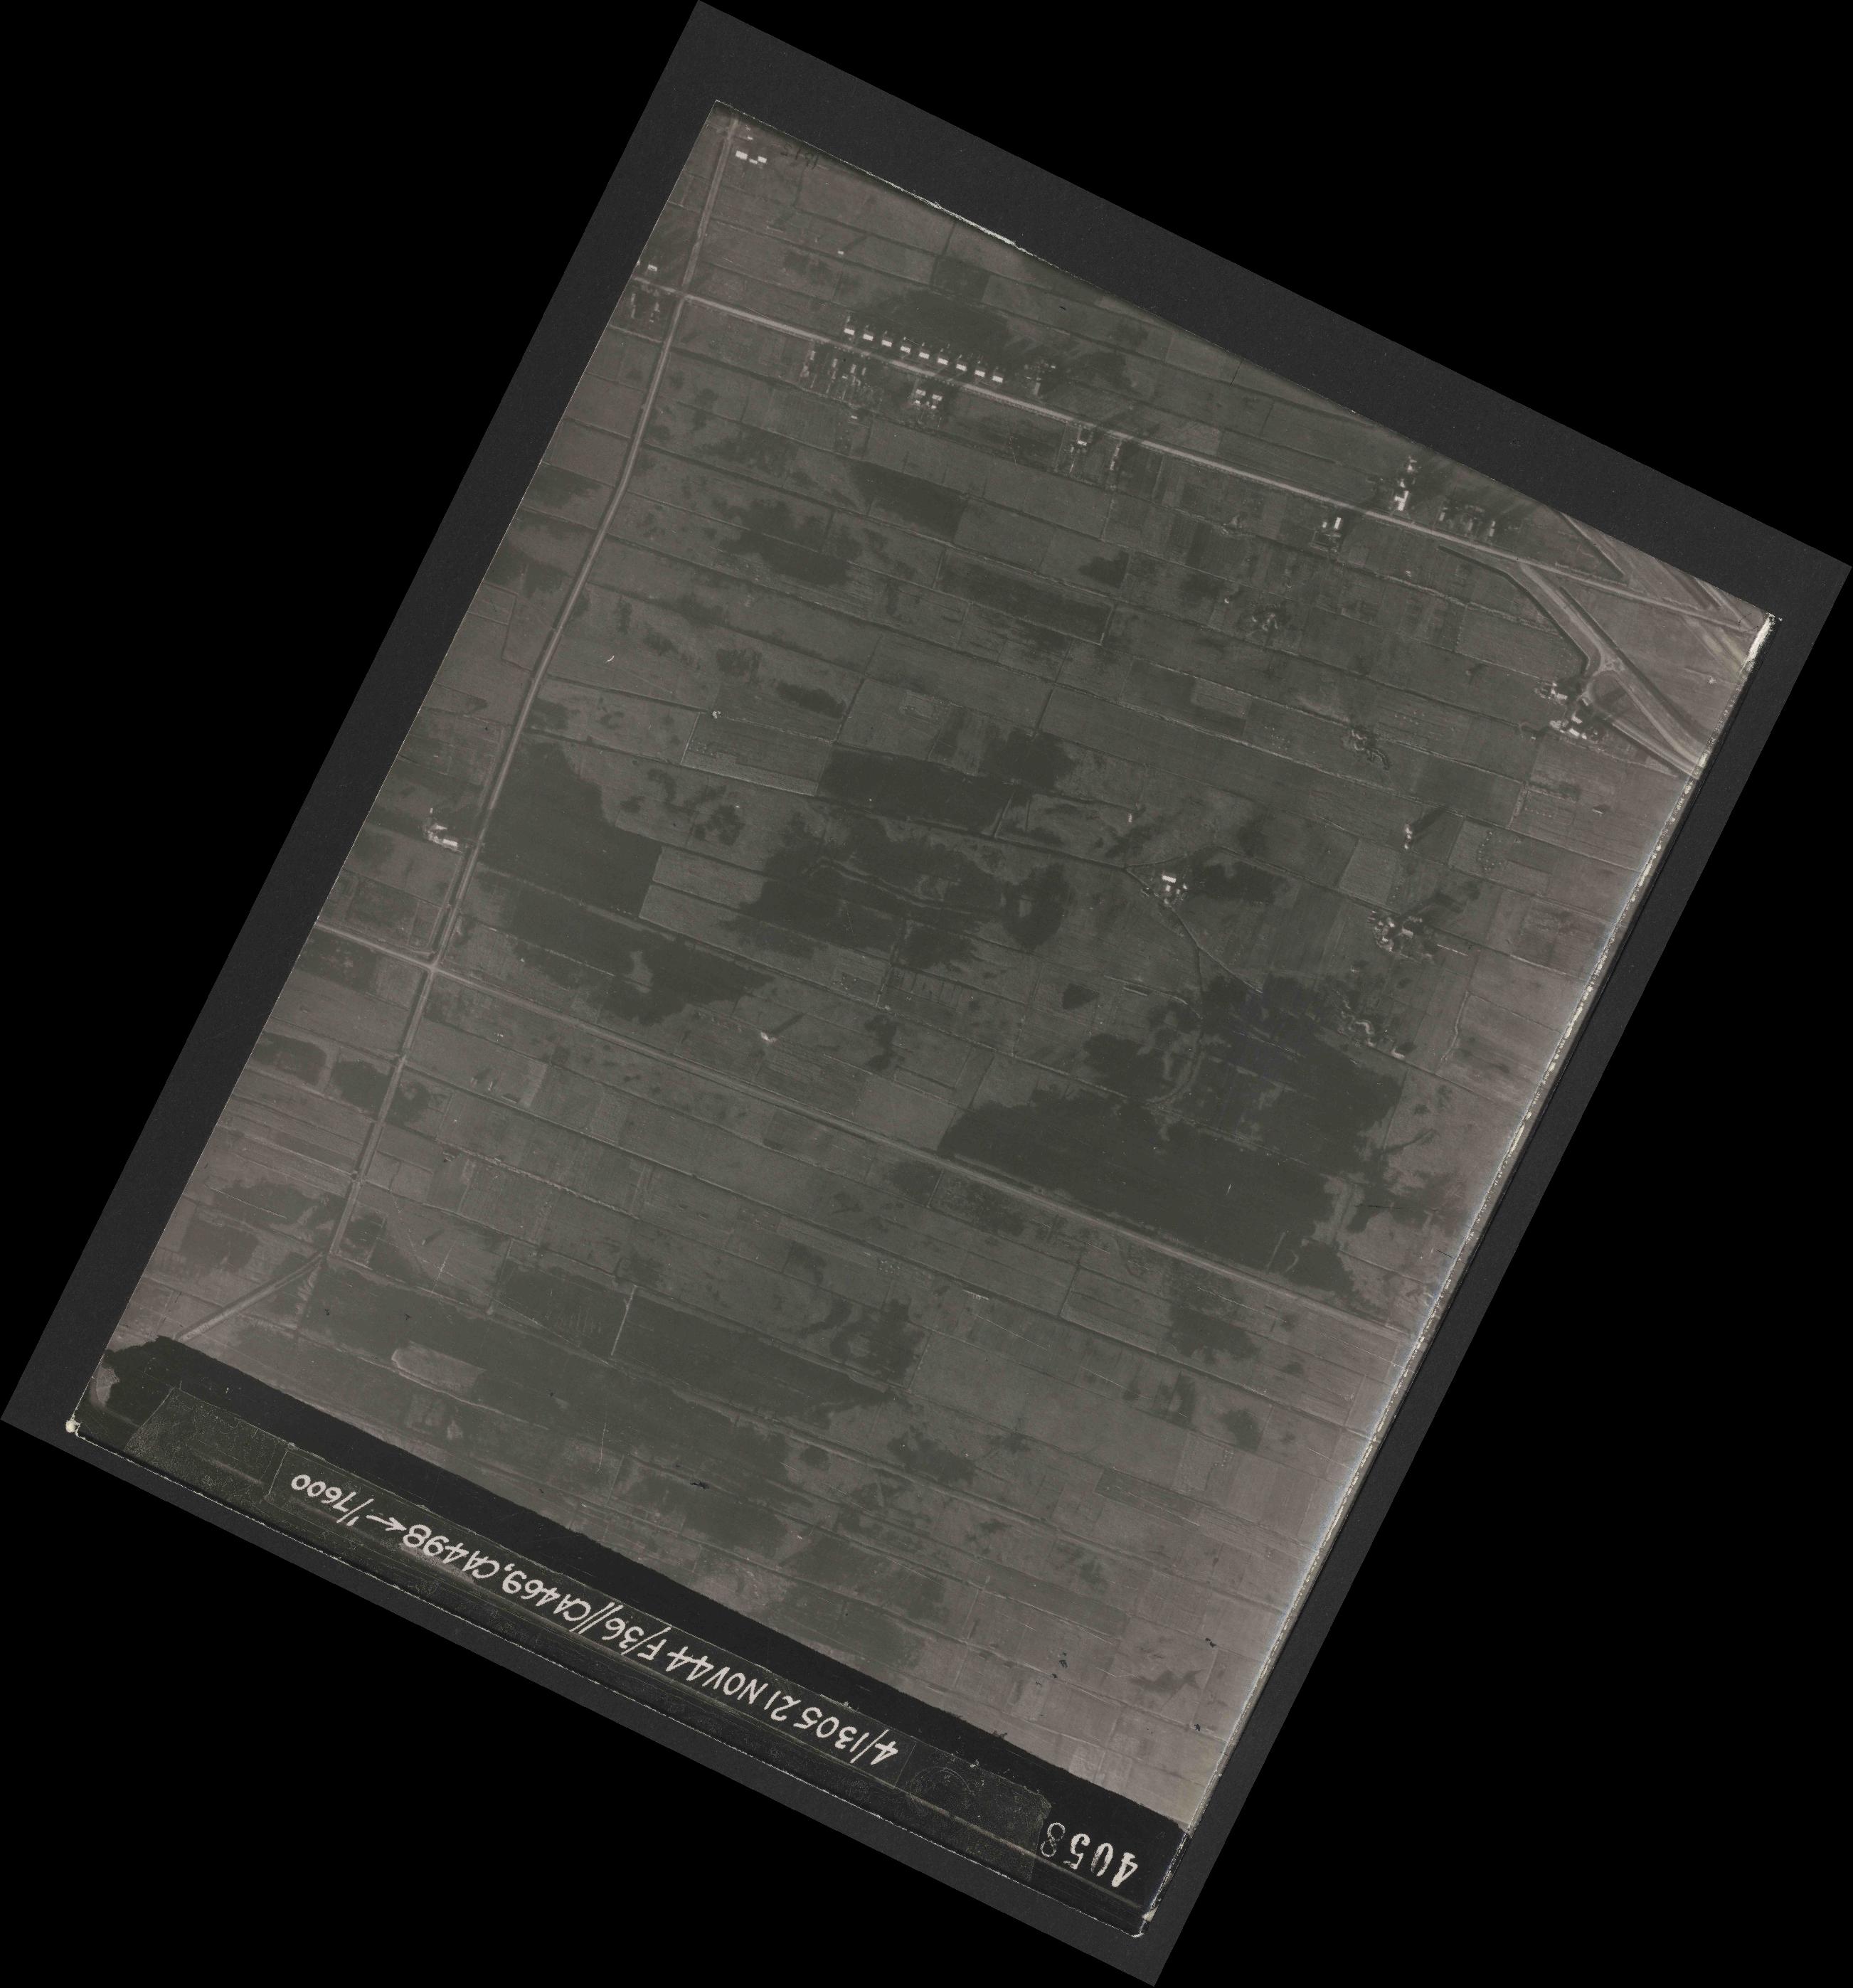 Collection RAF aerial photos 1940-1945 - flight 237, run 16, photo 4058